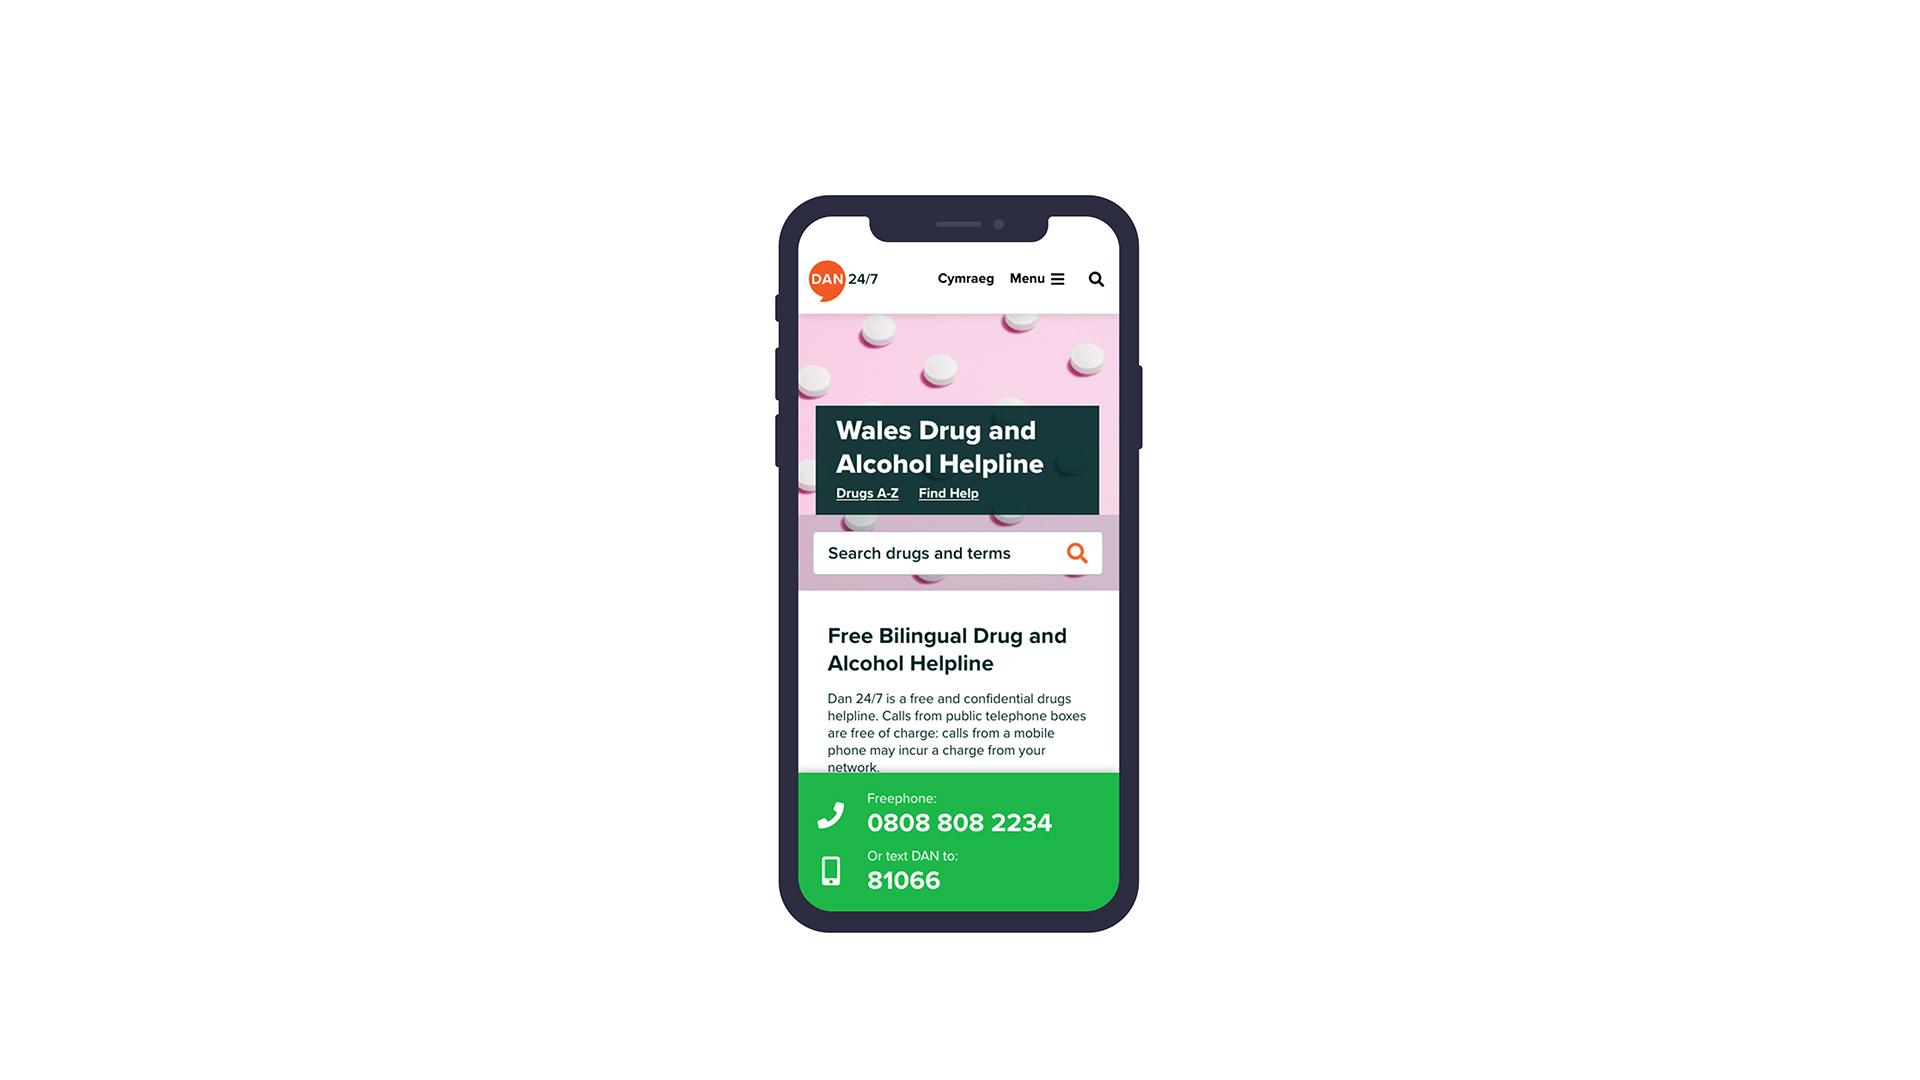 DAN 24/7 website homepage on mobile